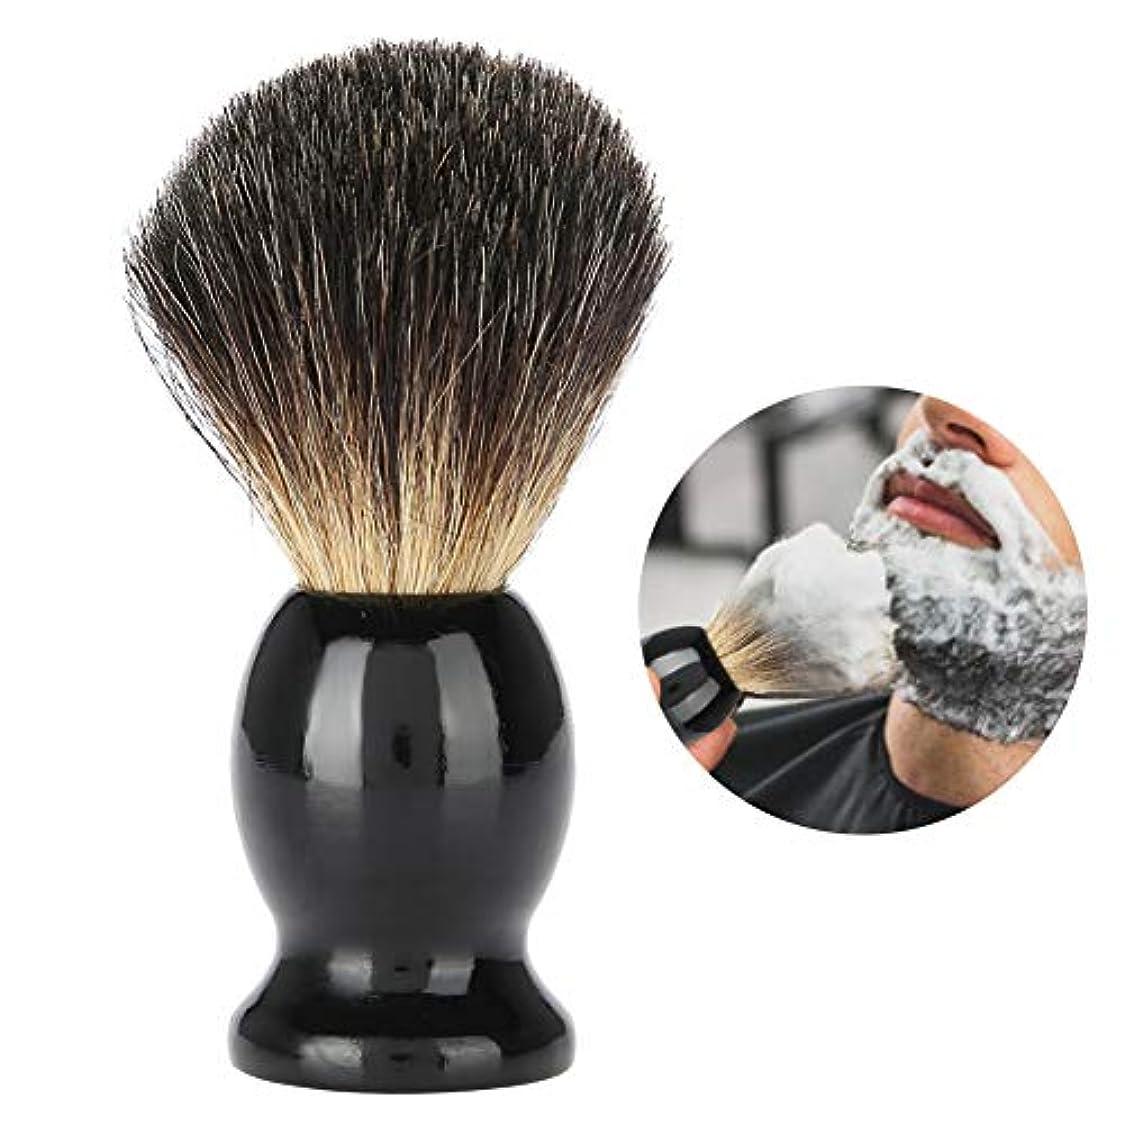 賞メンバー騒々しいYuyteポータブル男性ウッドハンドル髭剃りブラシ理髪店サロンツール